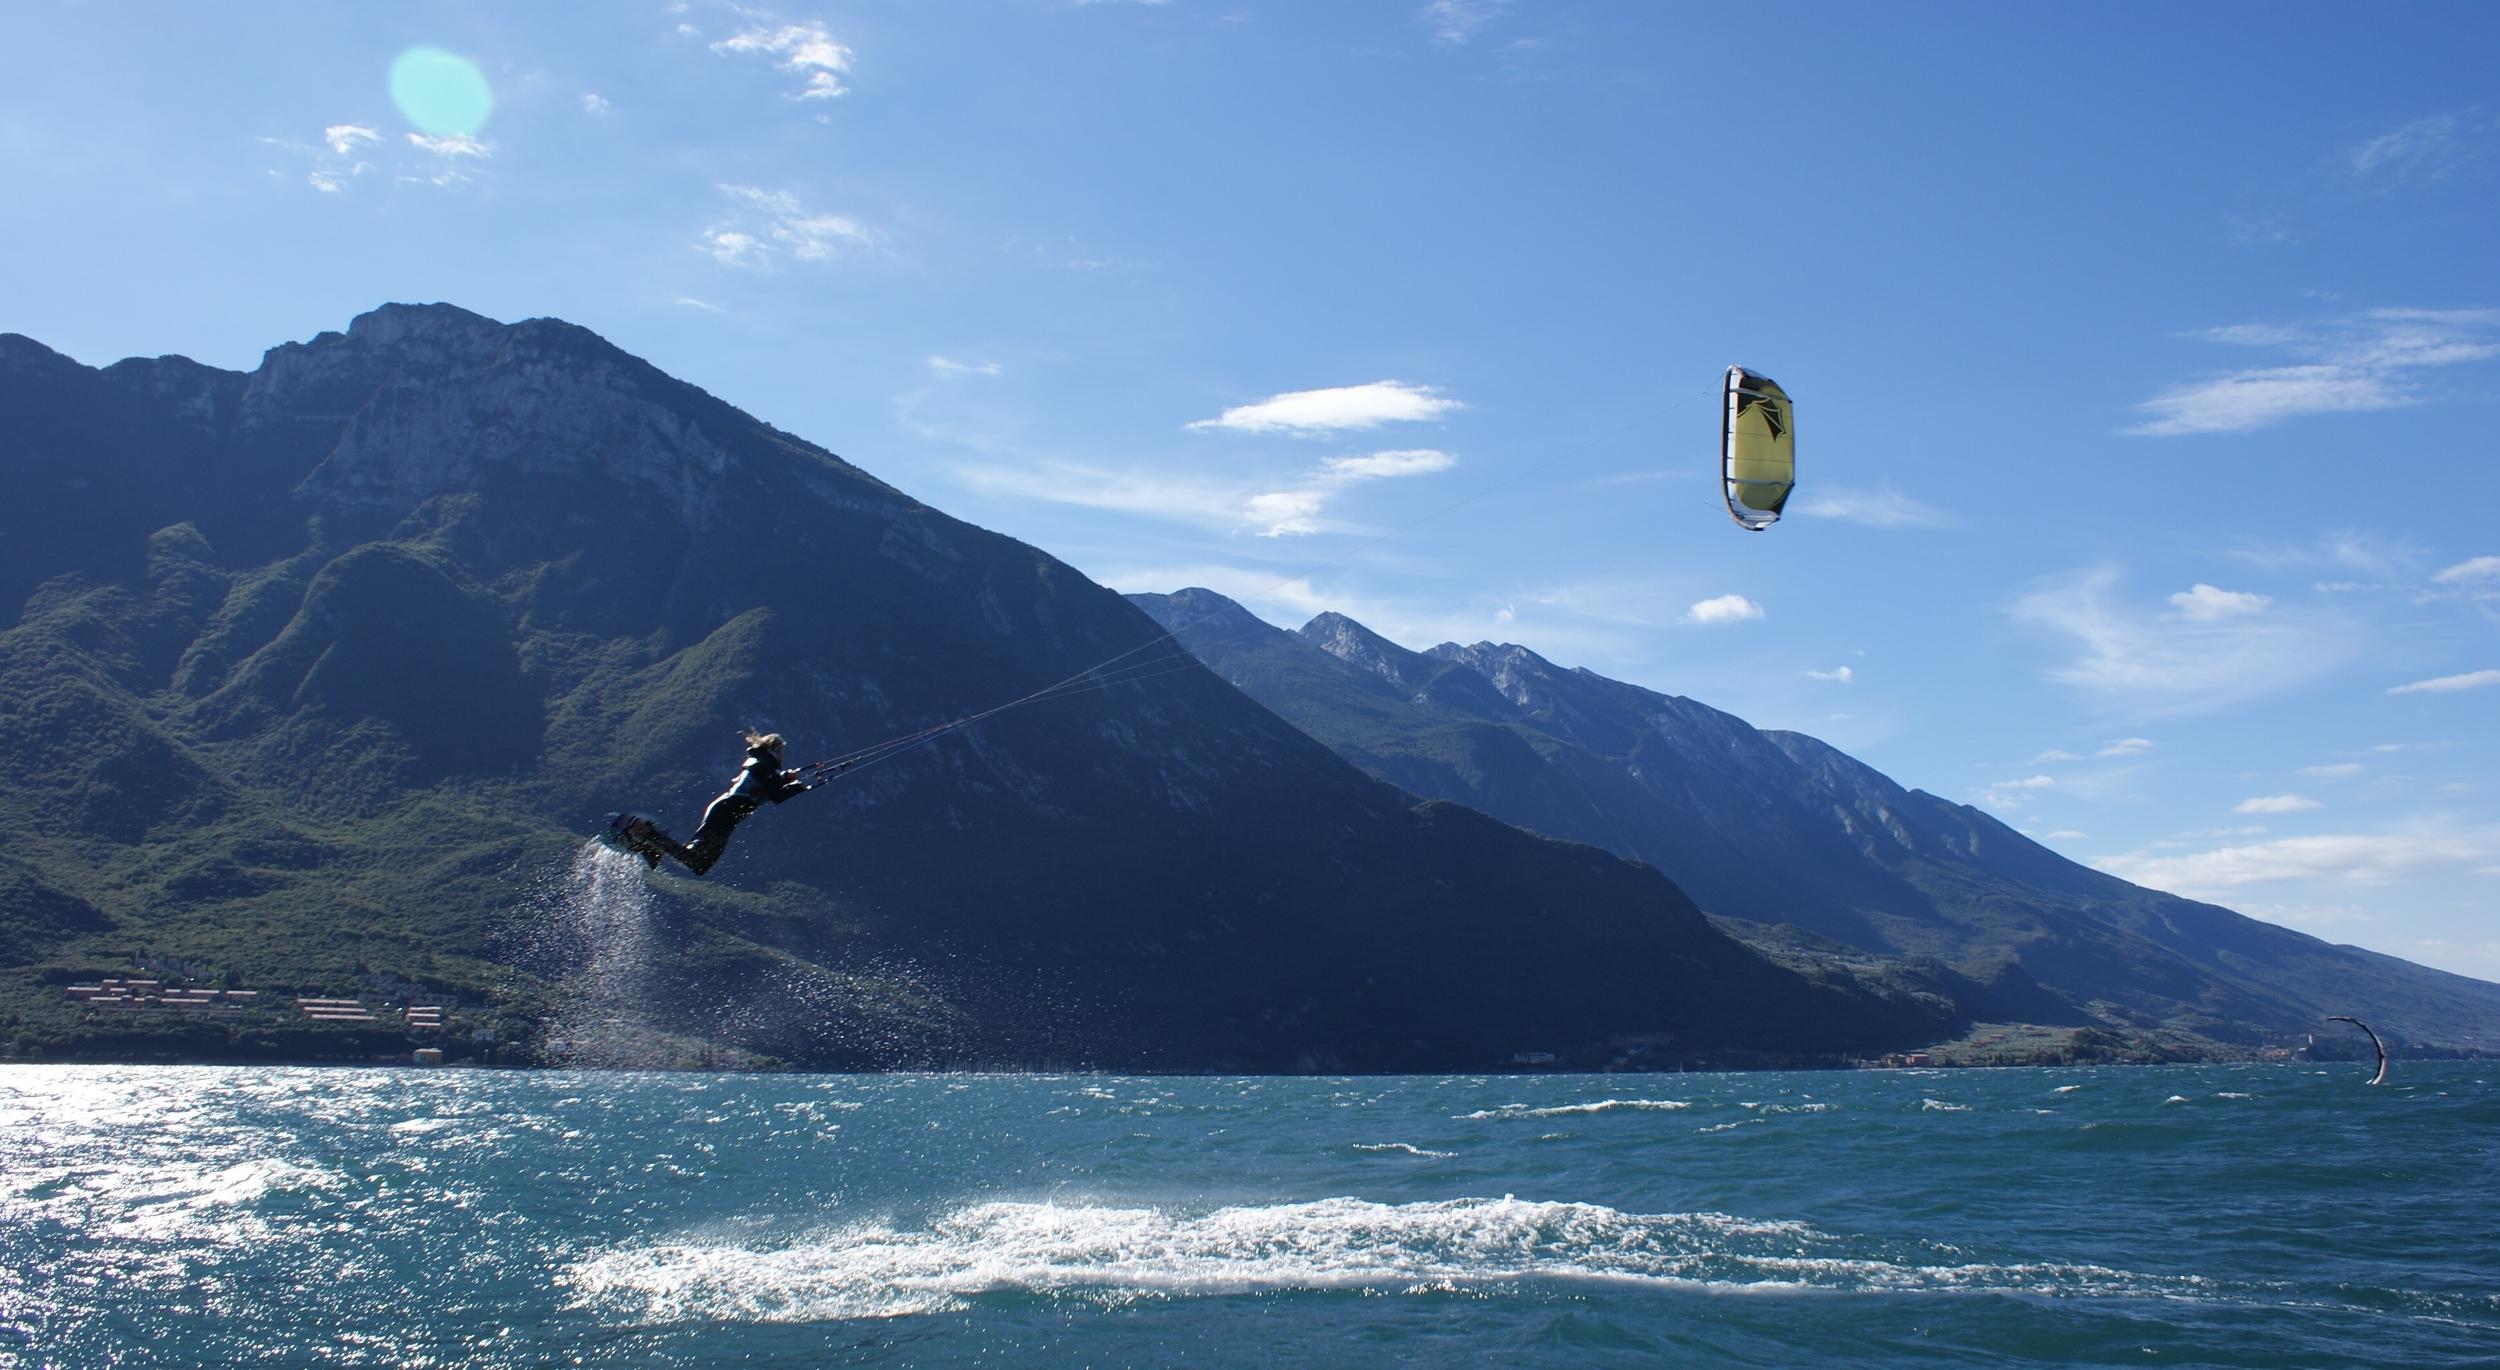 corso di kitesurf con Pasqua lago di garda